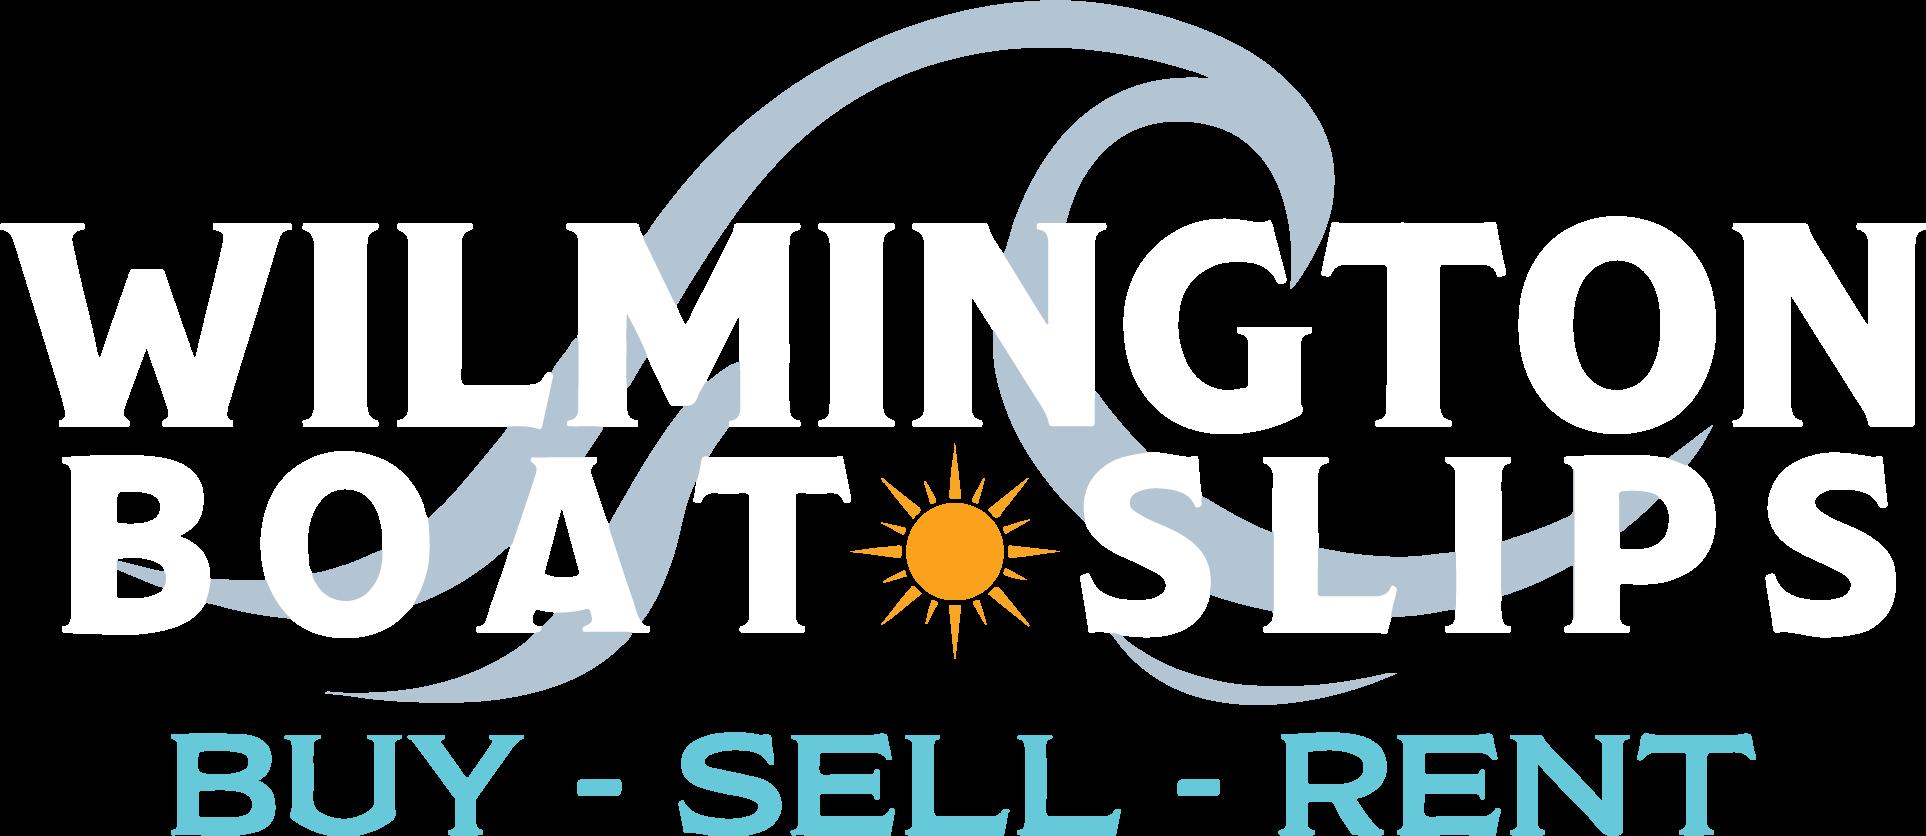 wilmington-boat-slips-working-vector-logos-1-2